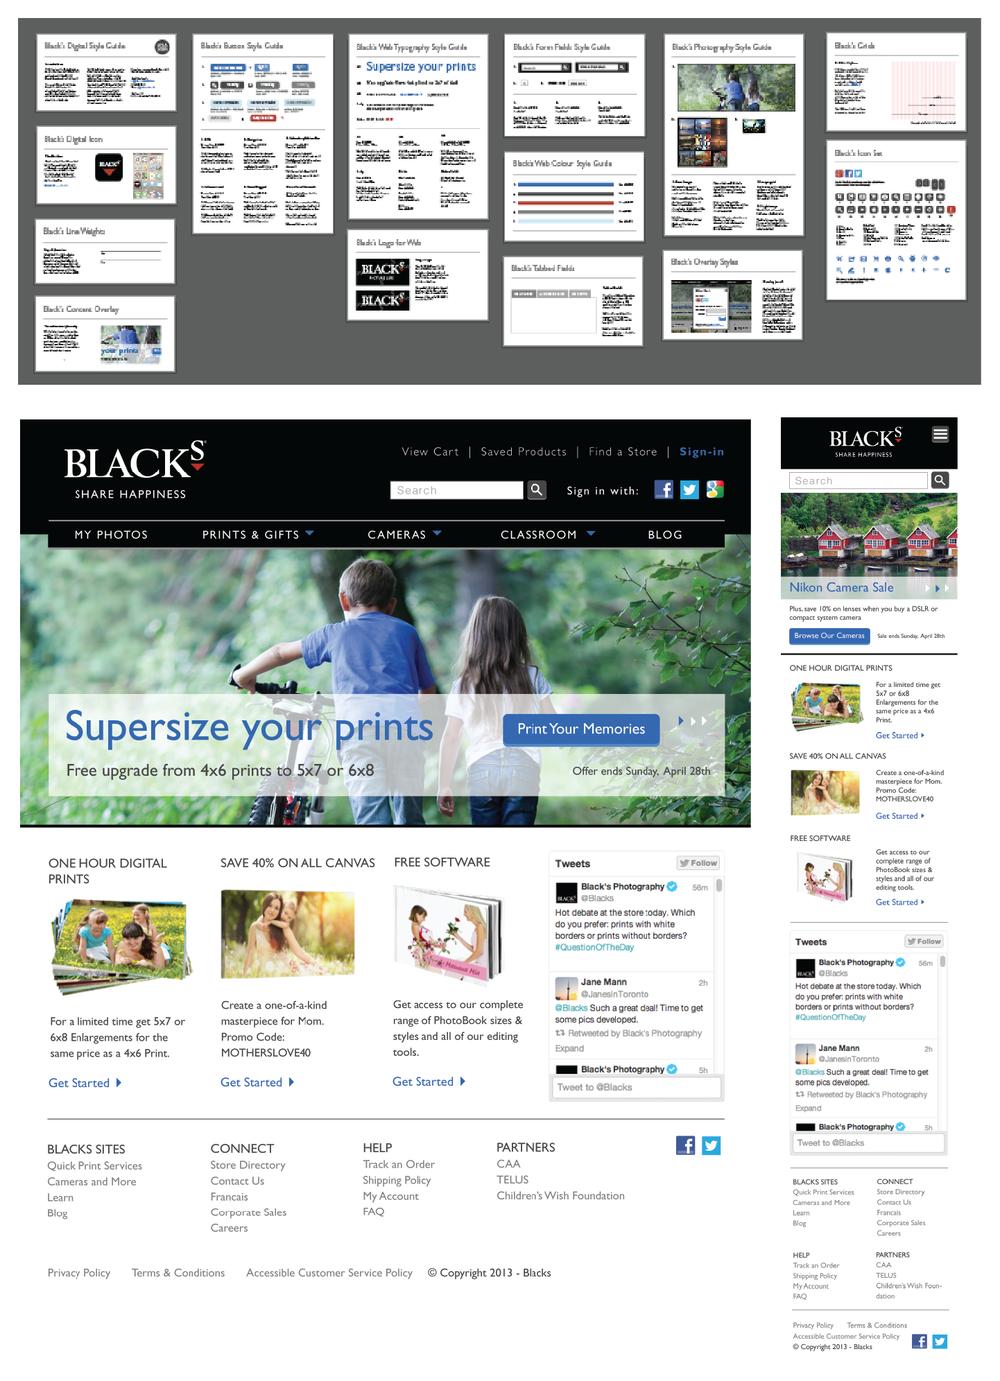 Digital style guide, website mock-up